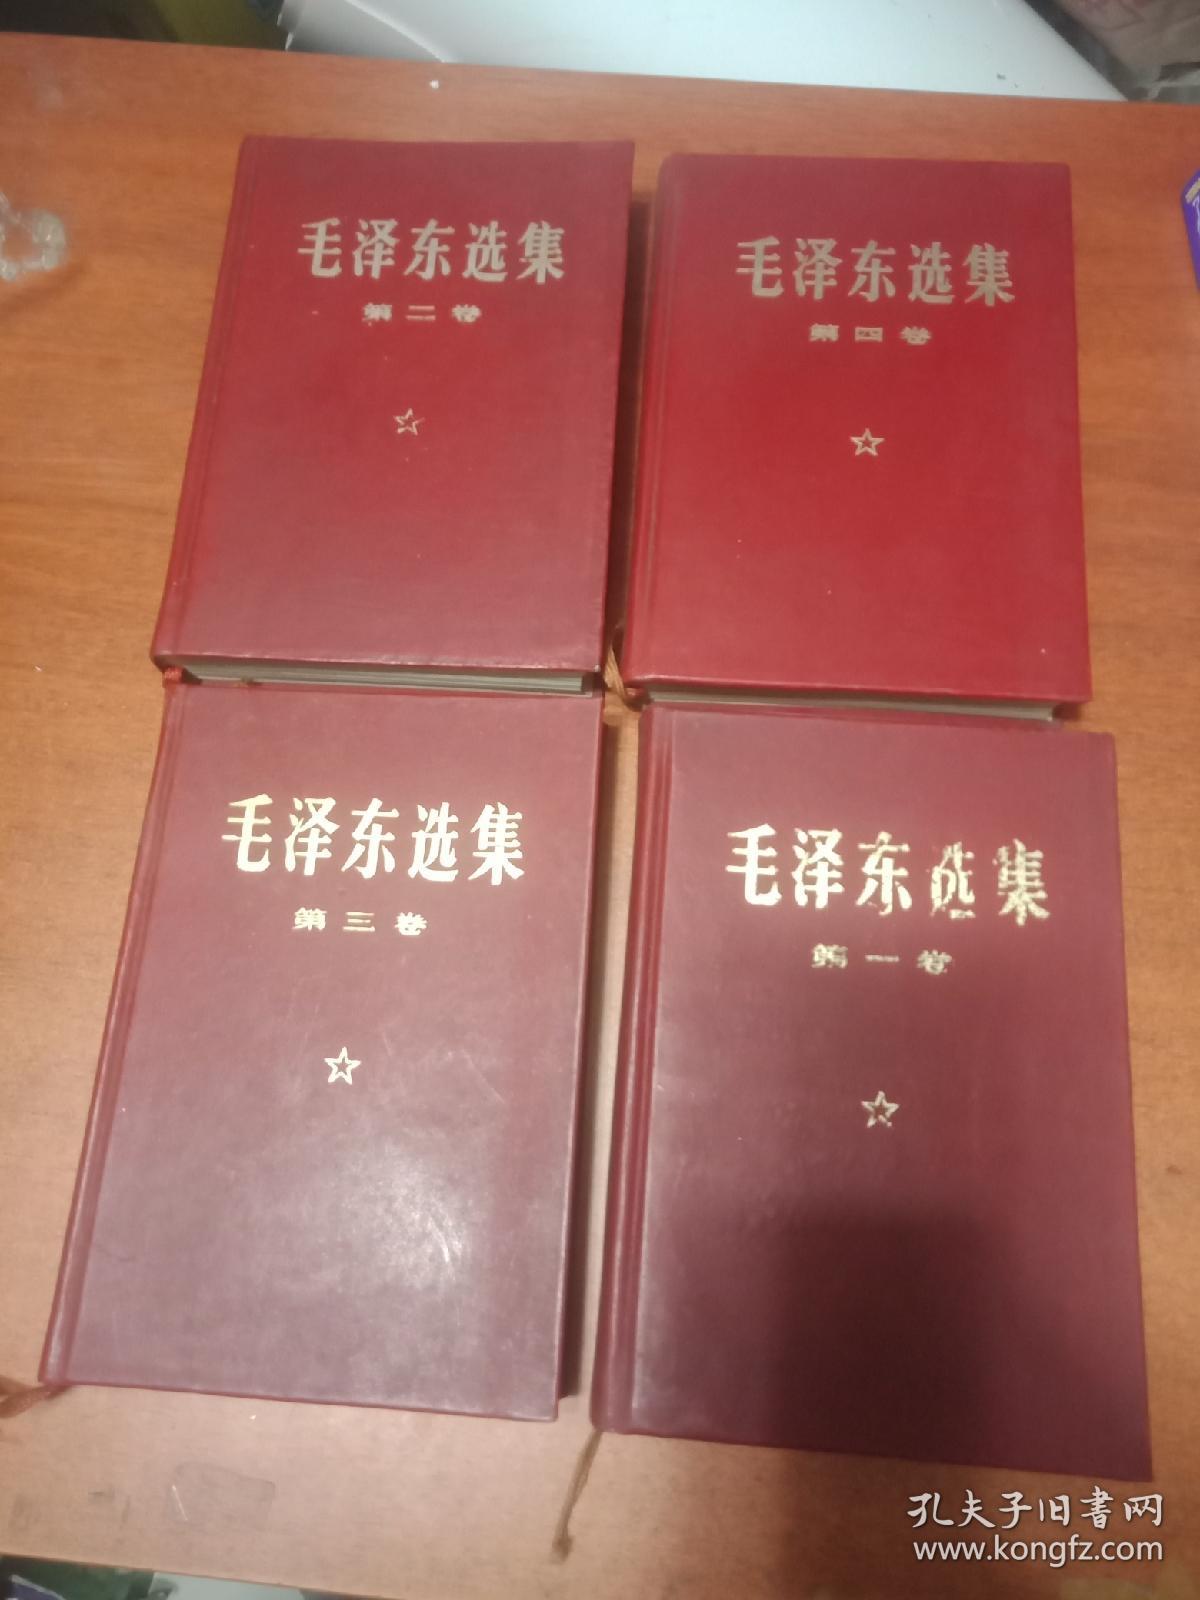 毛泽东选集 (全四卷) 大32开羊皮面硬精装,带原装函套,1969年大字版,一版一印(2-4卷,扉页有单位章,看图避免争议)